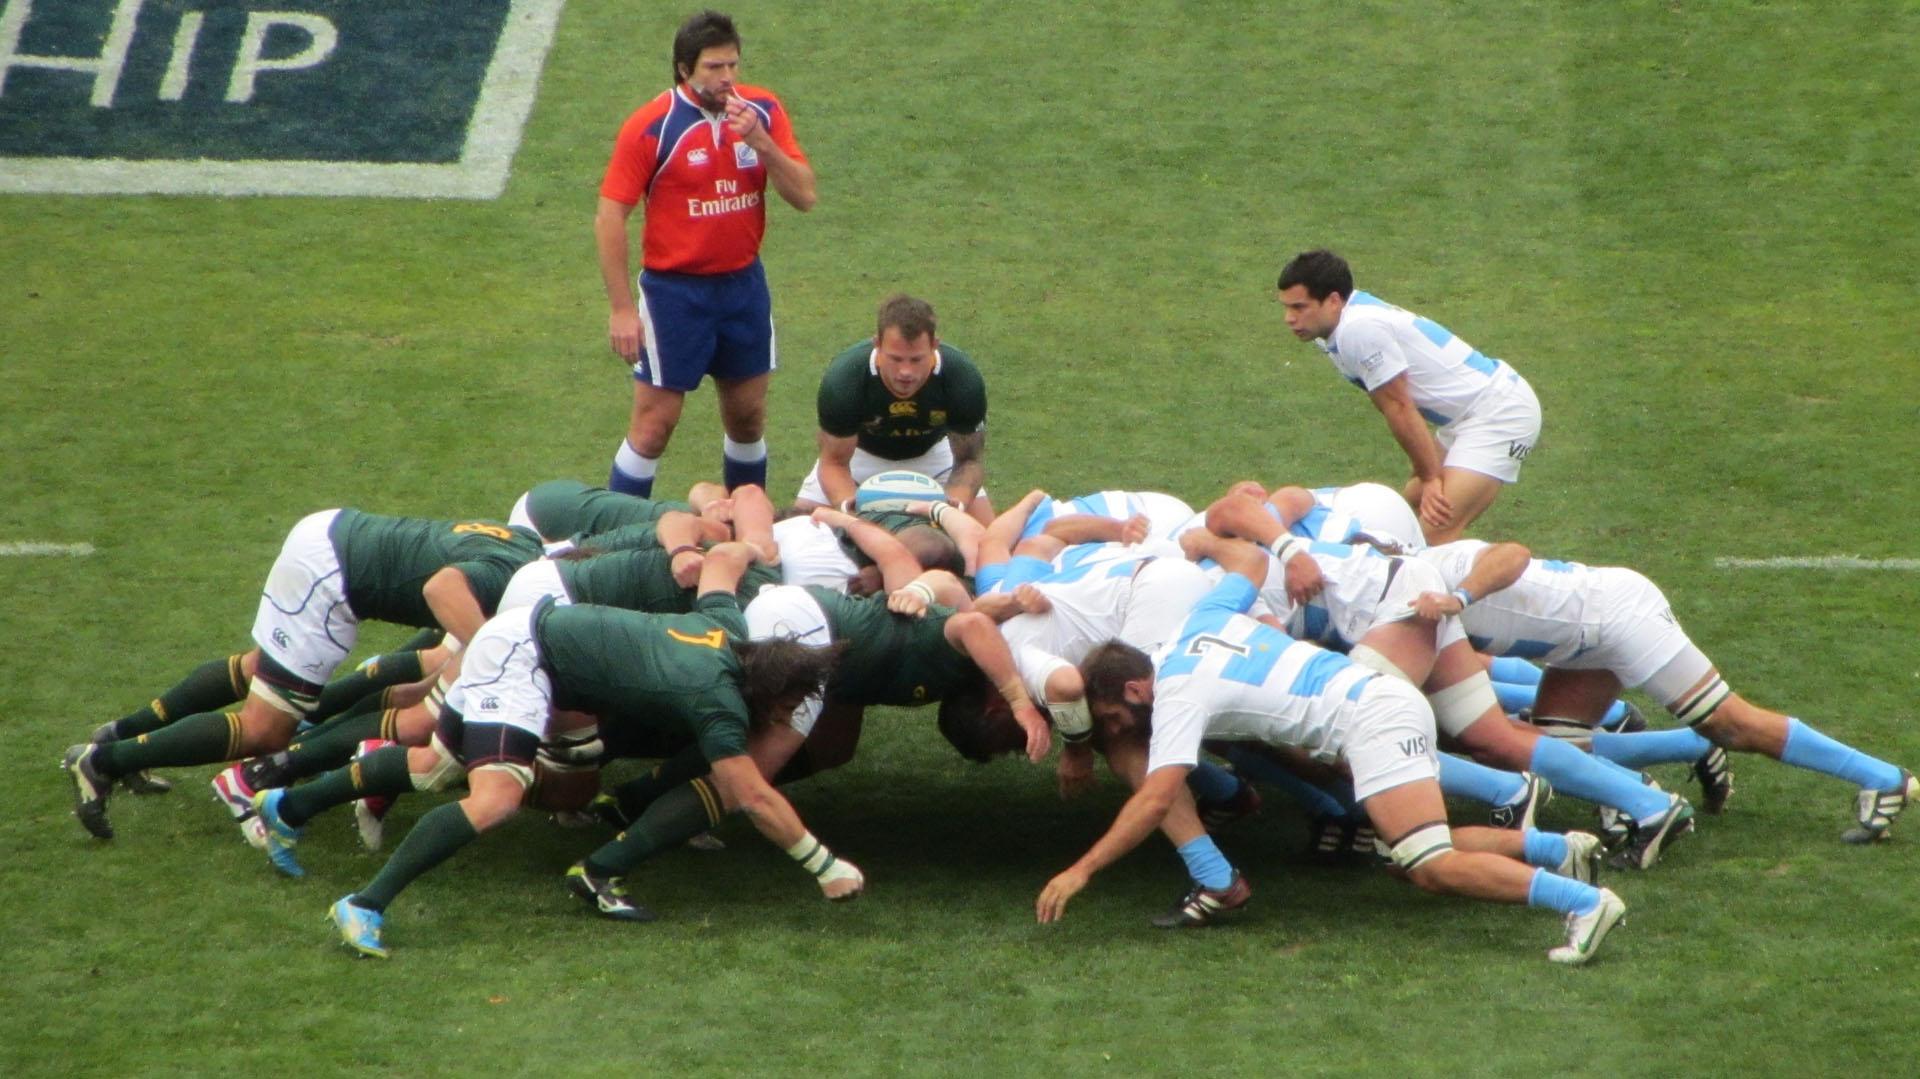 El scrum, una de las formaciones fijas del rugby